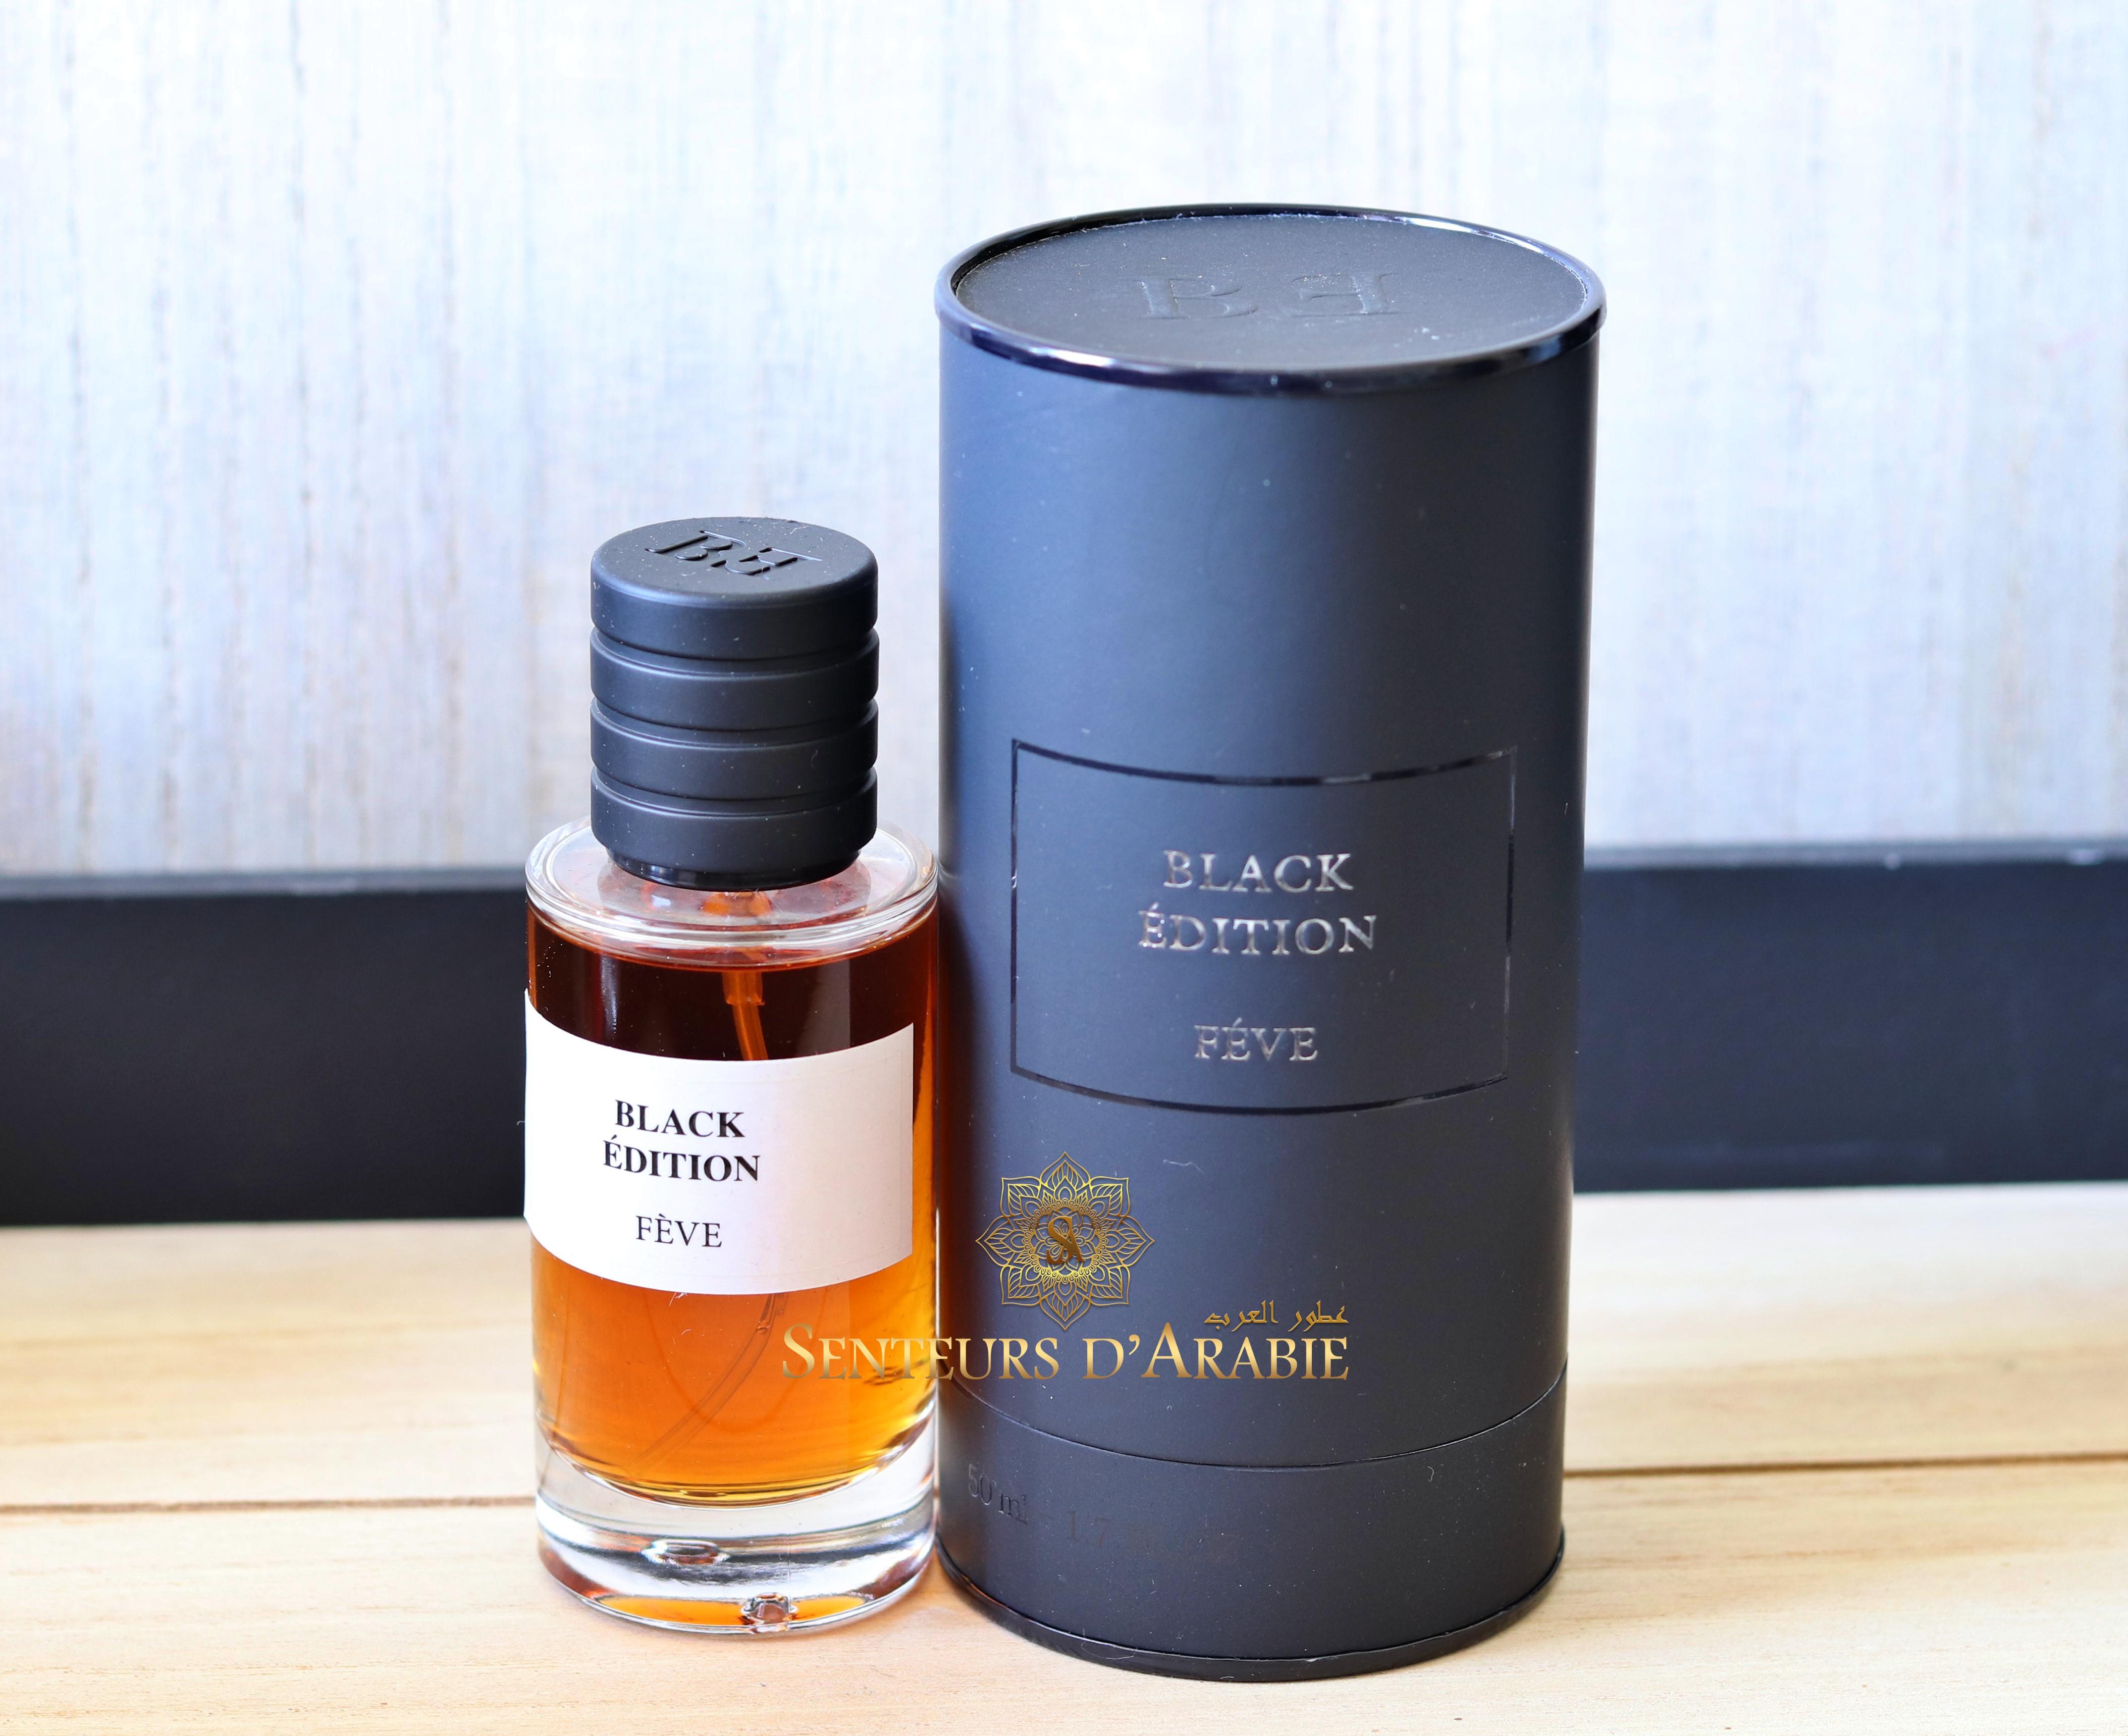 Black Parfum Parfum Fève Homme Édition wOkn0PN8X